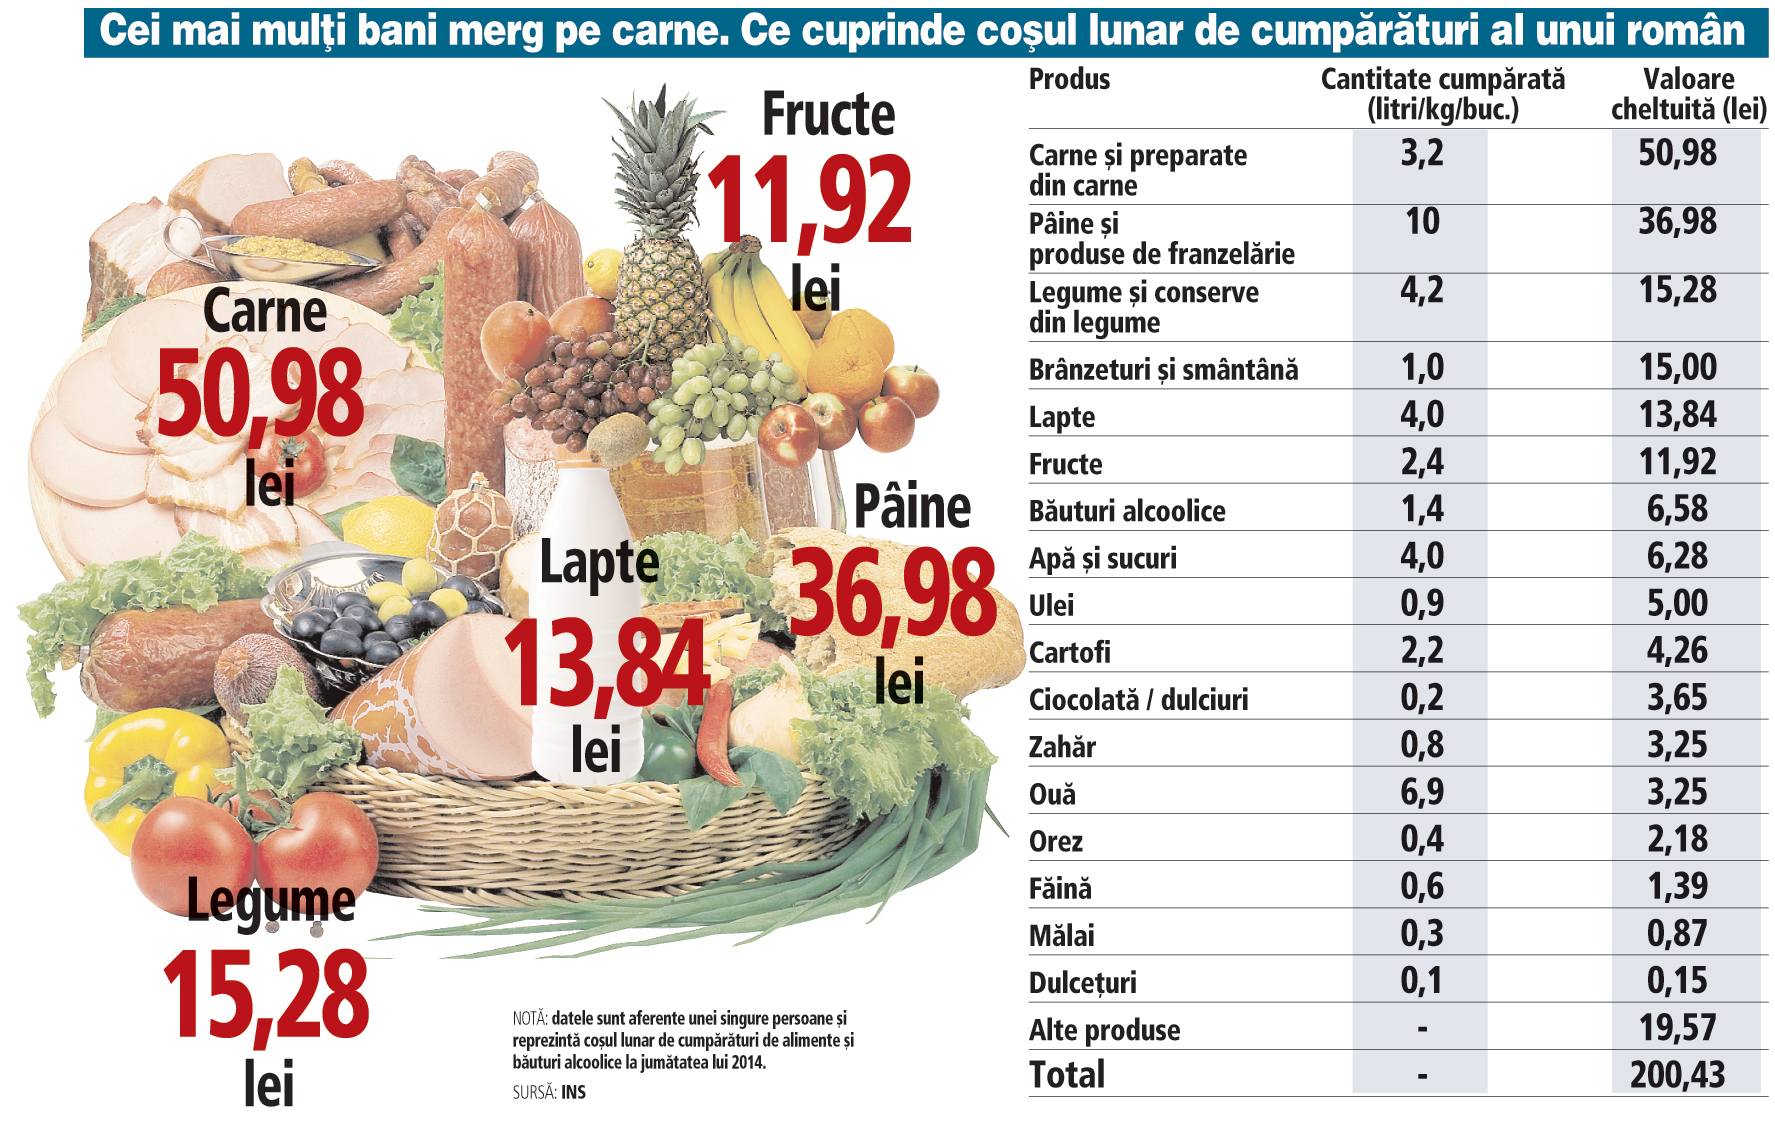 Ce cuprinde coşul lunar de cumpărături al unui român (2014*)